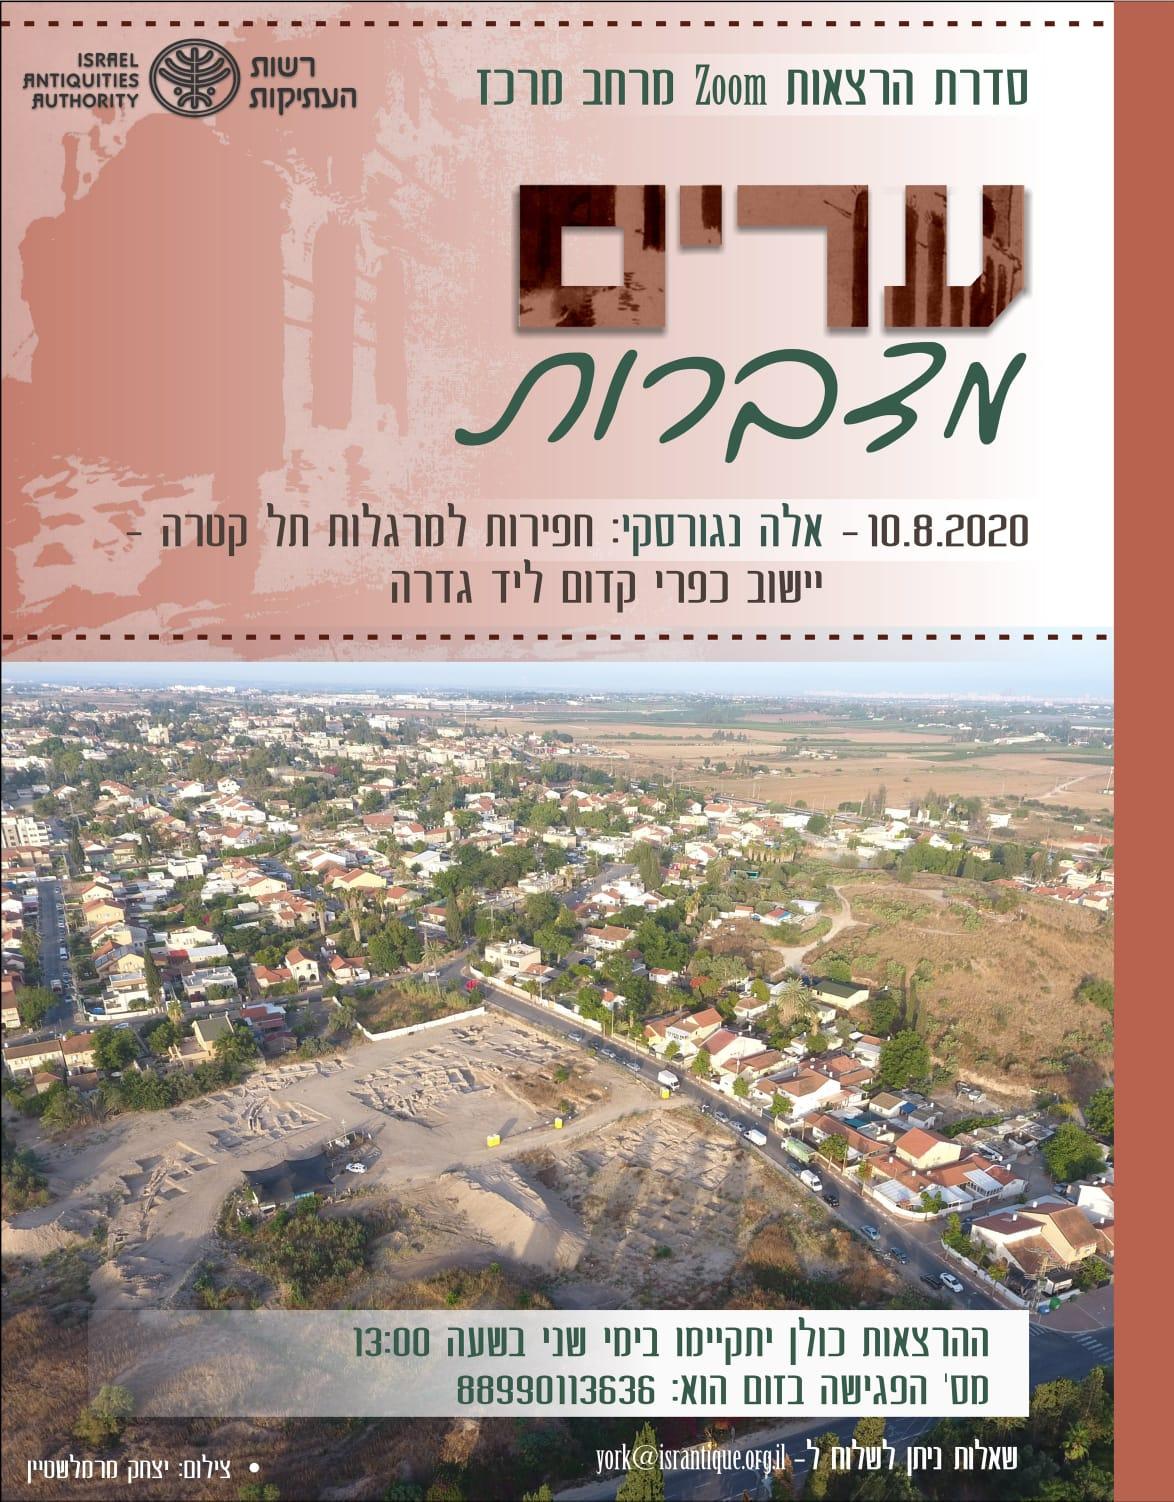 ערים מדברות: הרצאה של אלה נגורסקי @ ZOOM